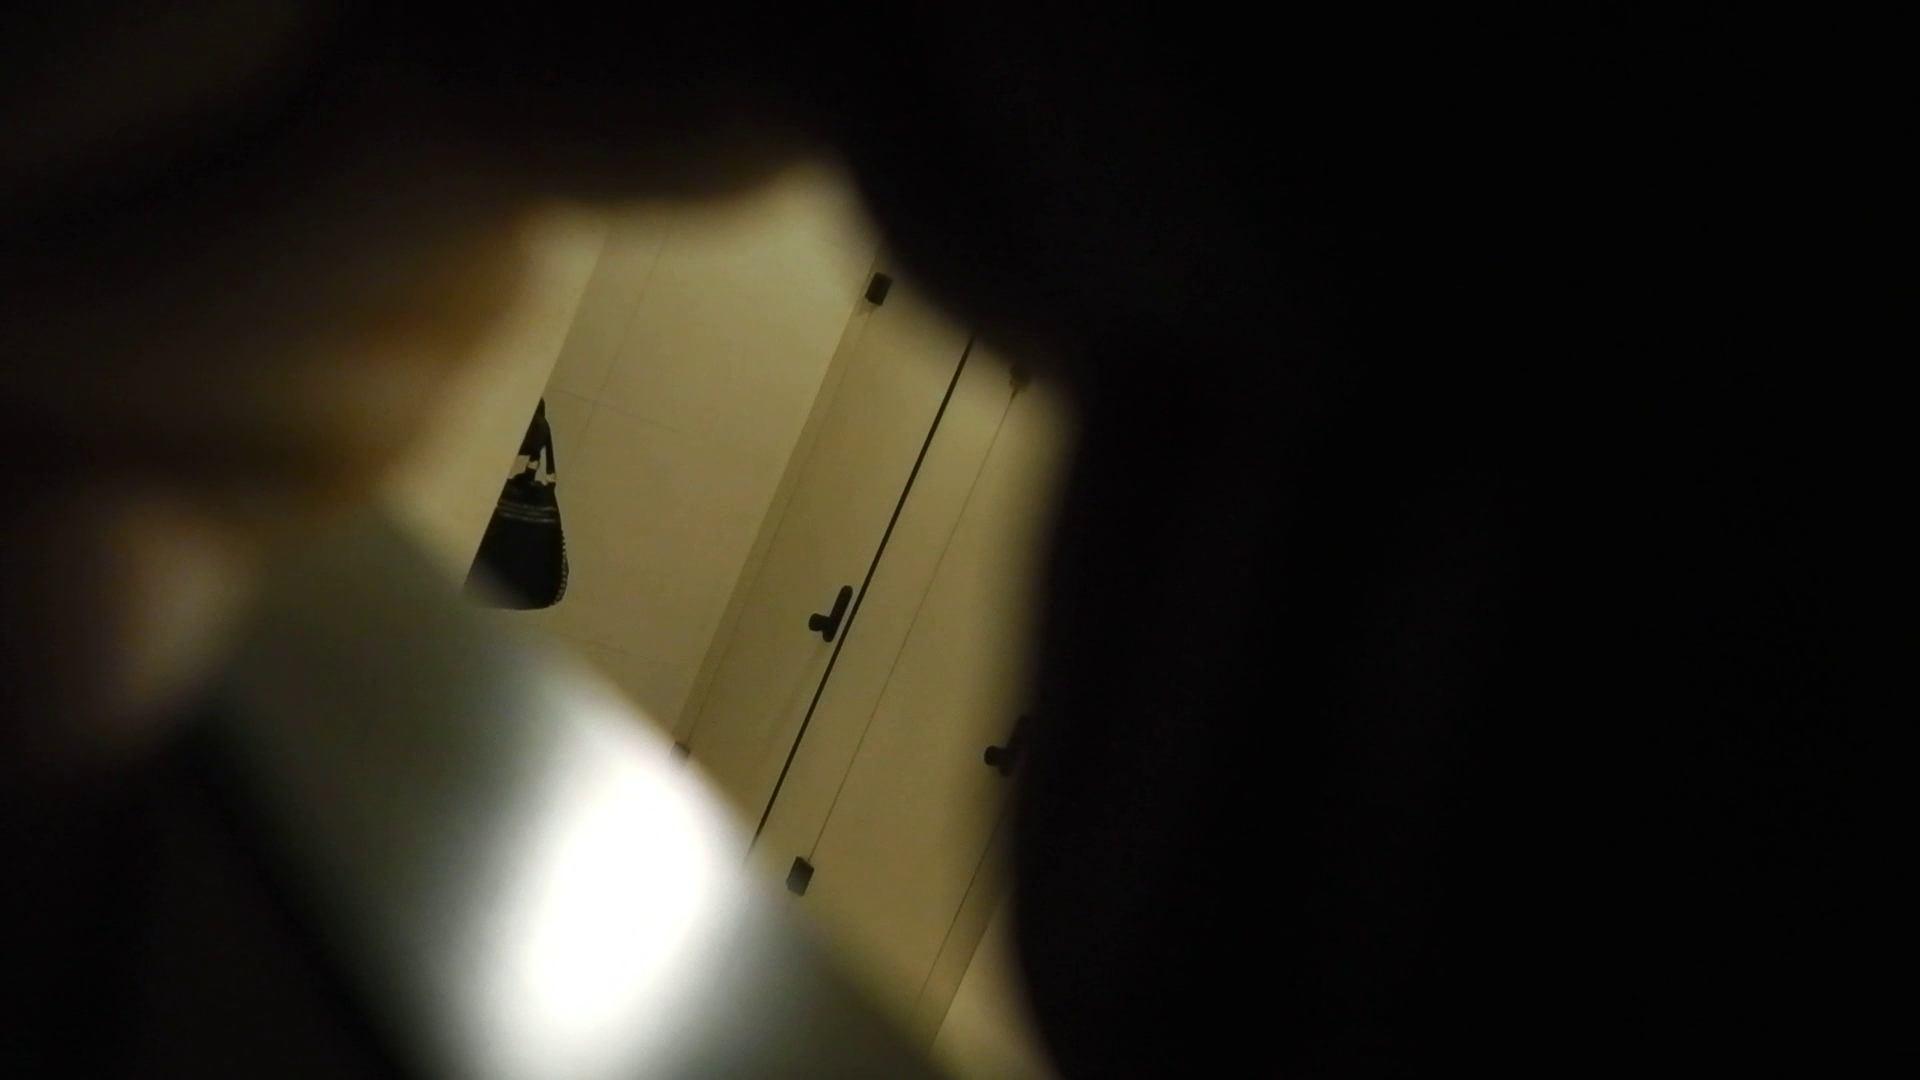 世界の射窓から vol.24 ギャル攻め セックス画像 110画像 52